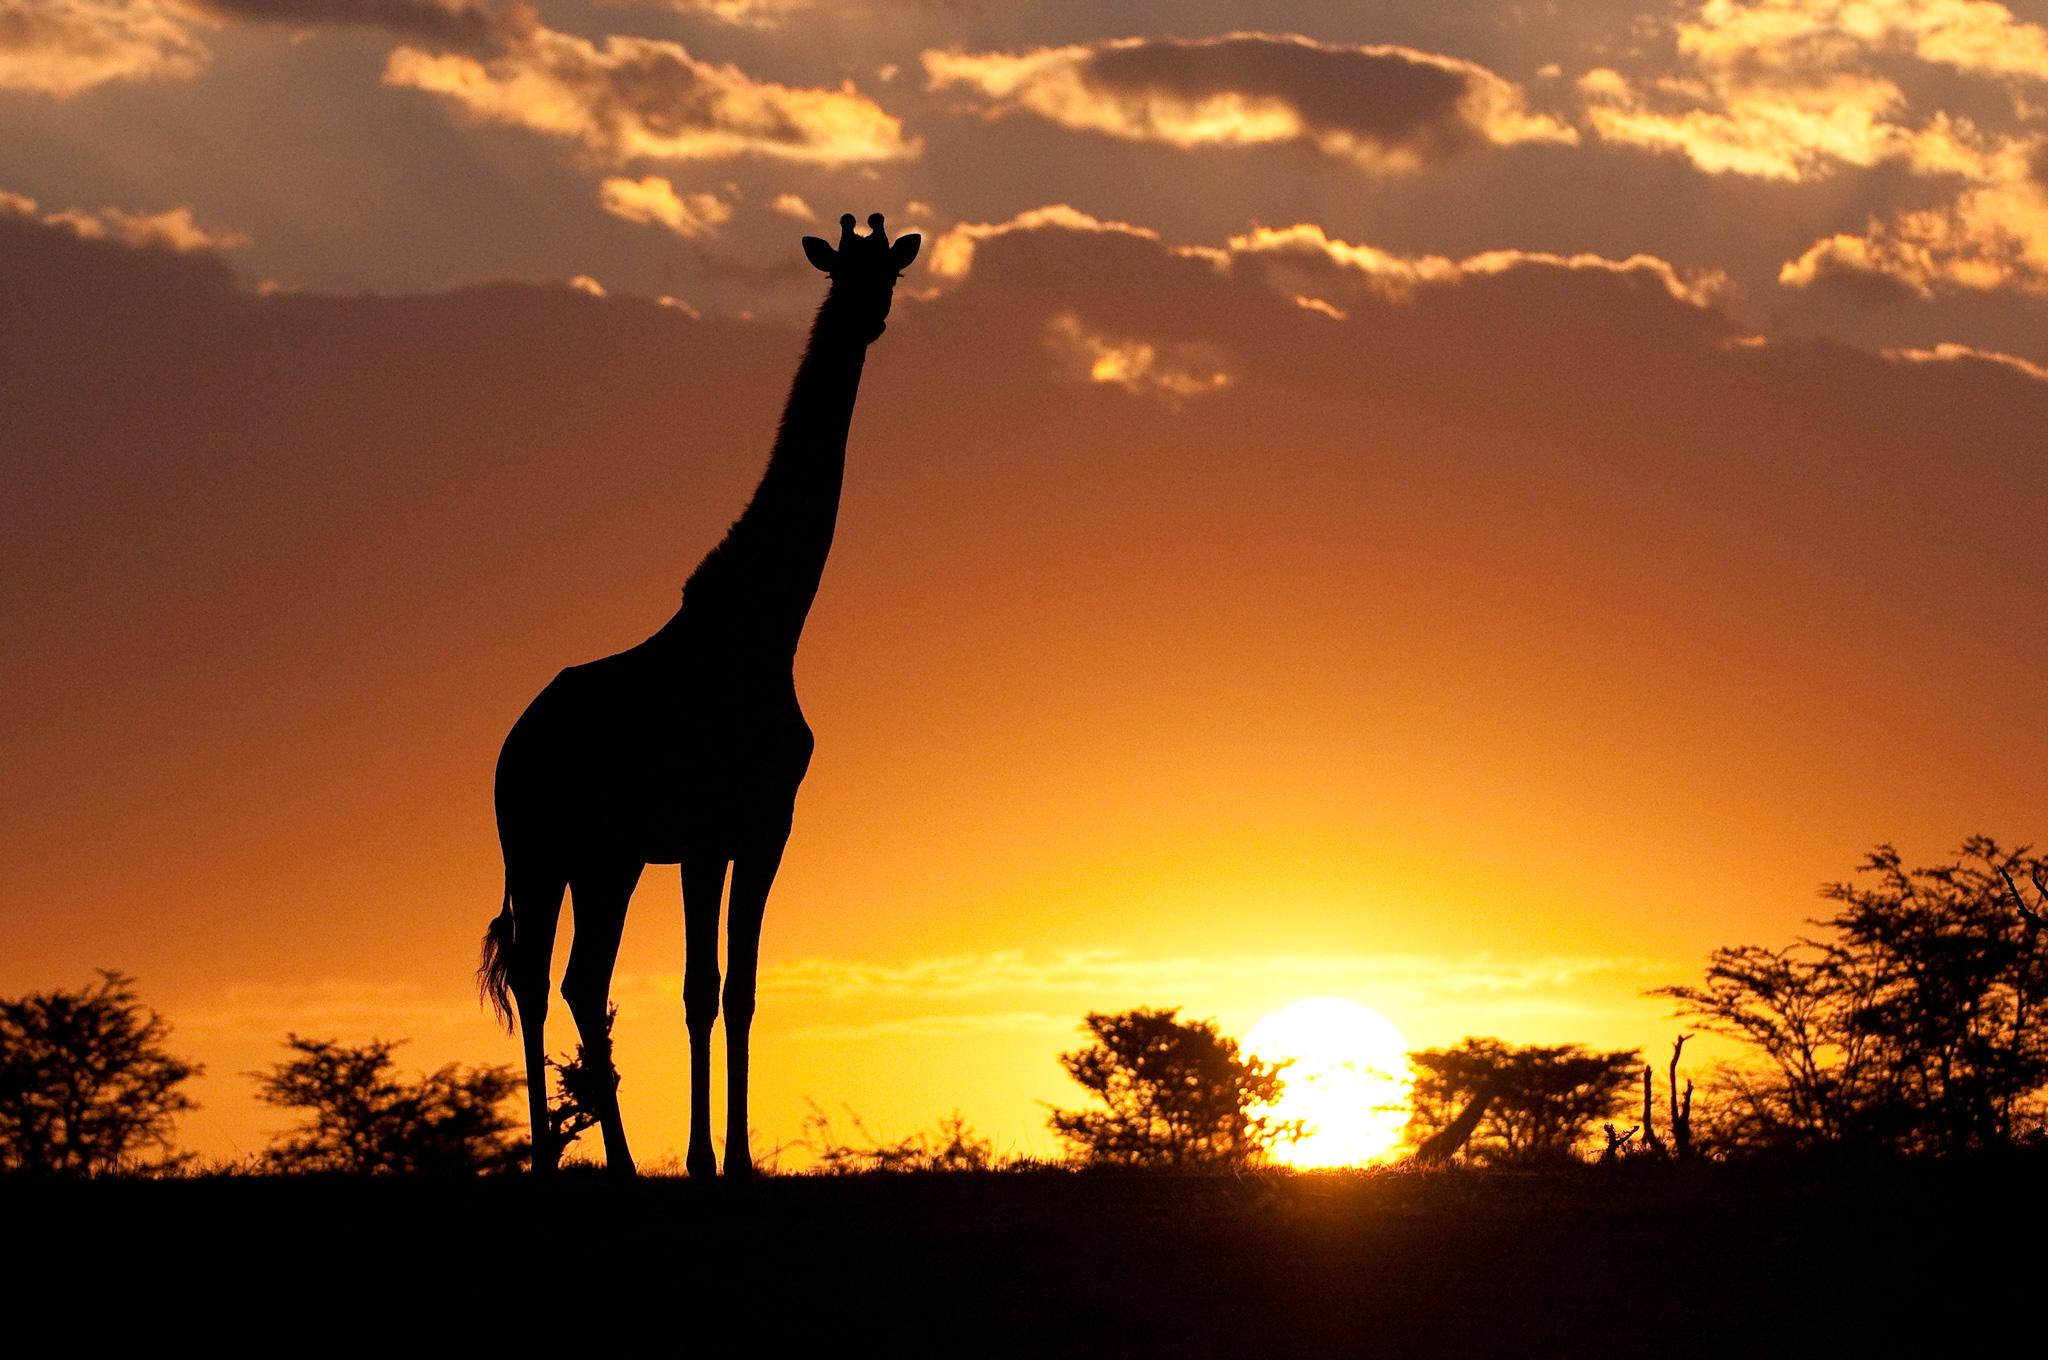 Giraffe-silhouette-in-Africa